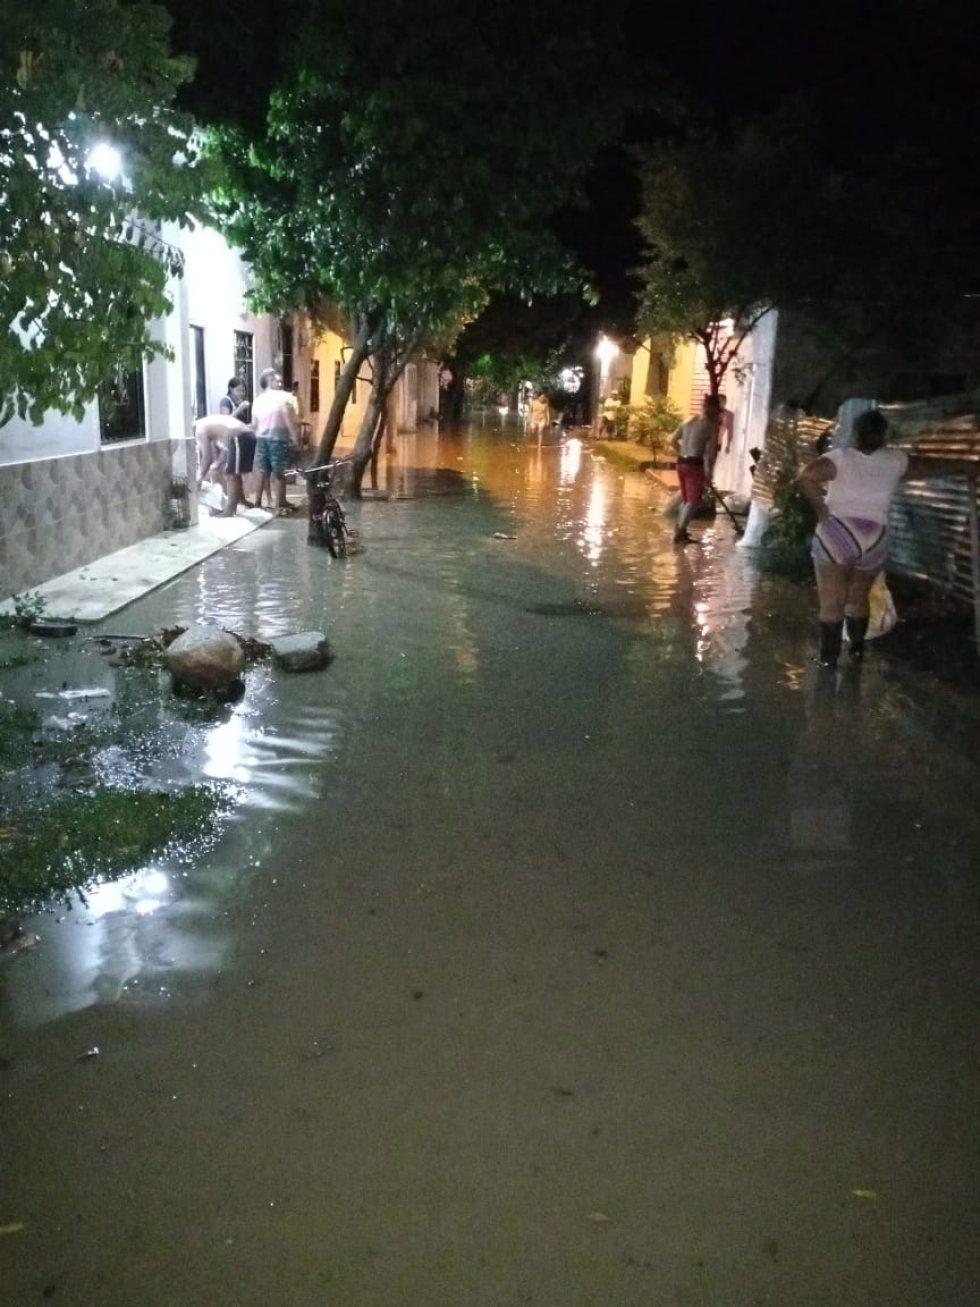 Emergencias por crecientes súbitas en el Magdalena: Así viven los 'náufragos' del río Sevilla en el Magdalena